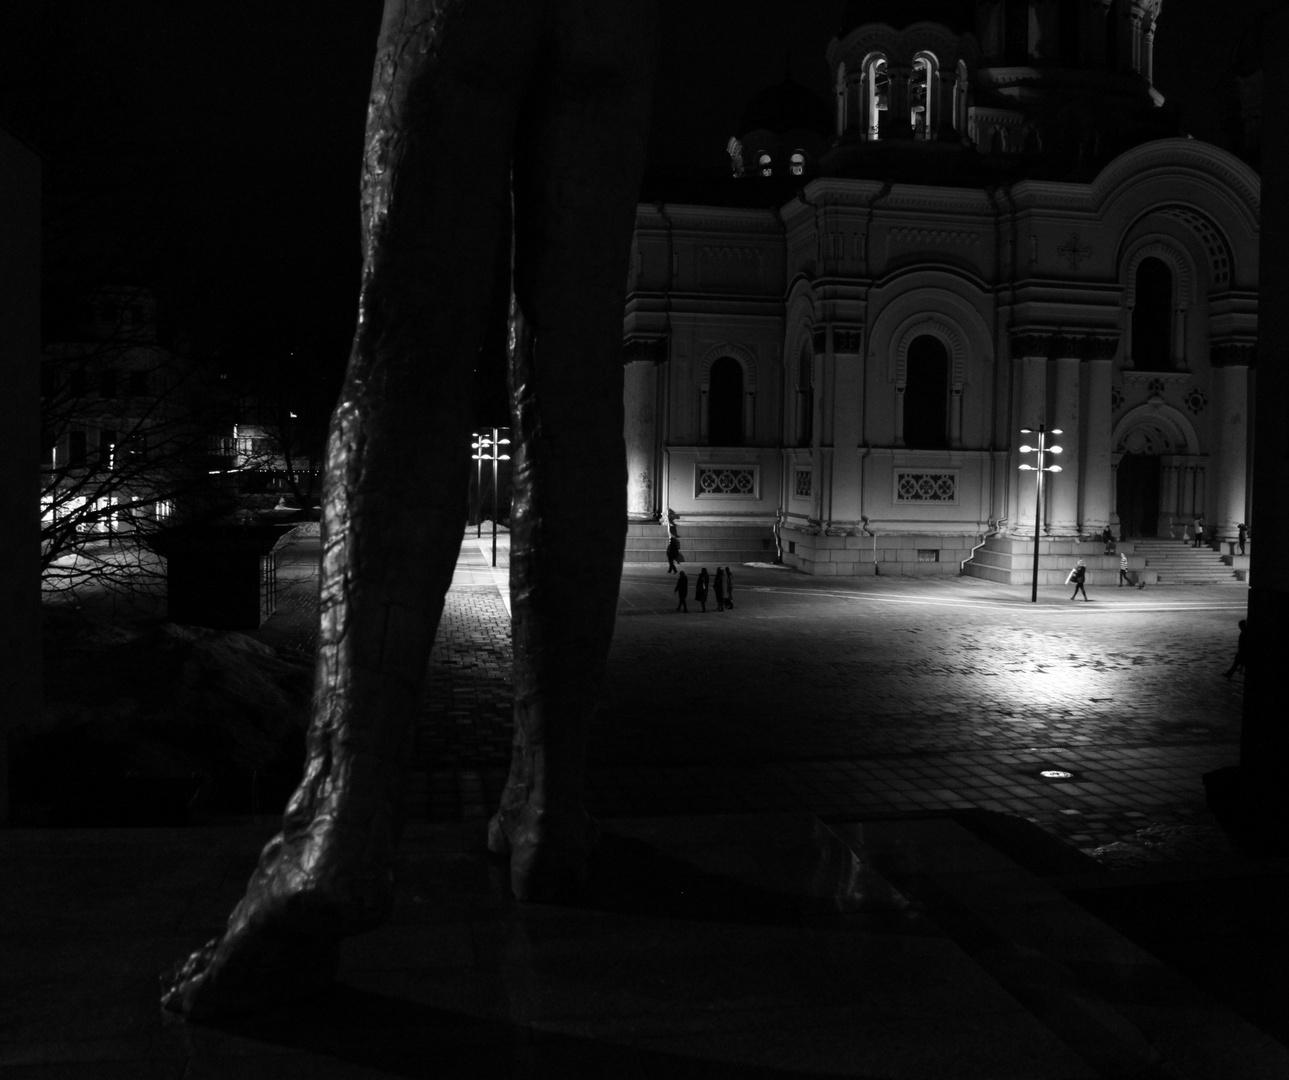 ... und schließlich kommt die Nacht